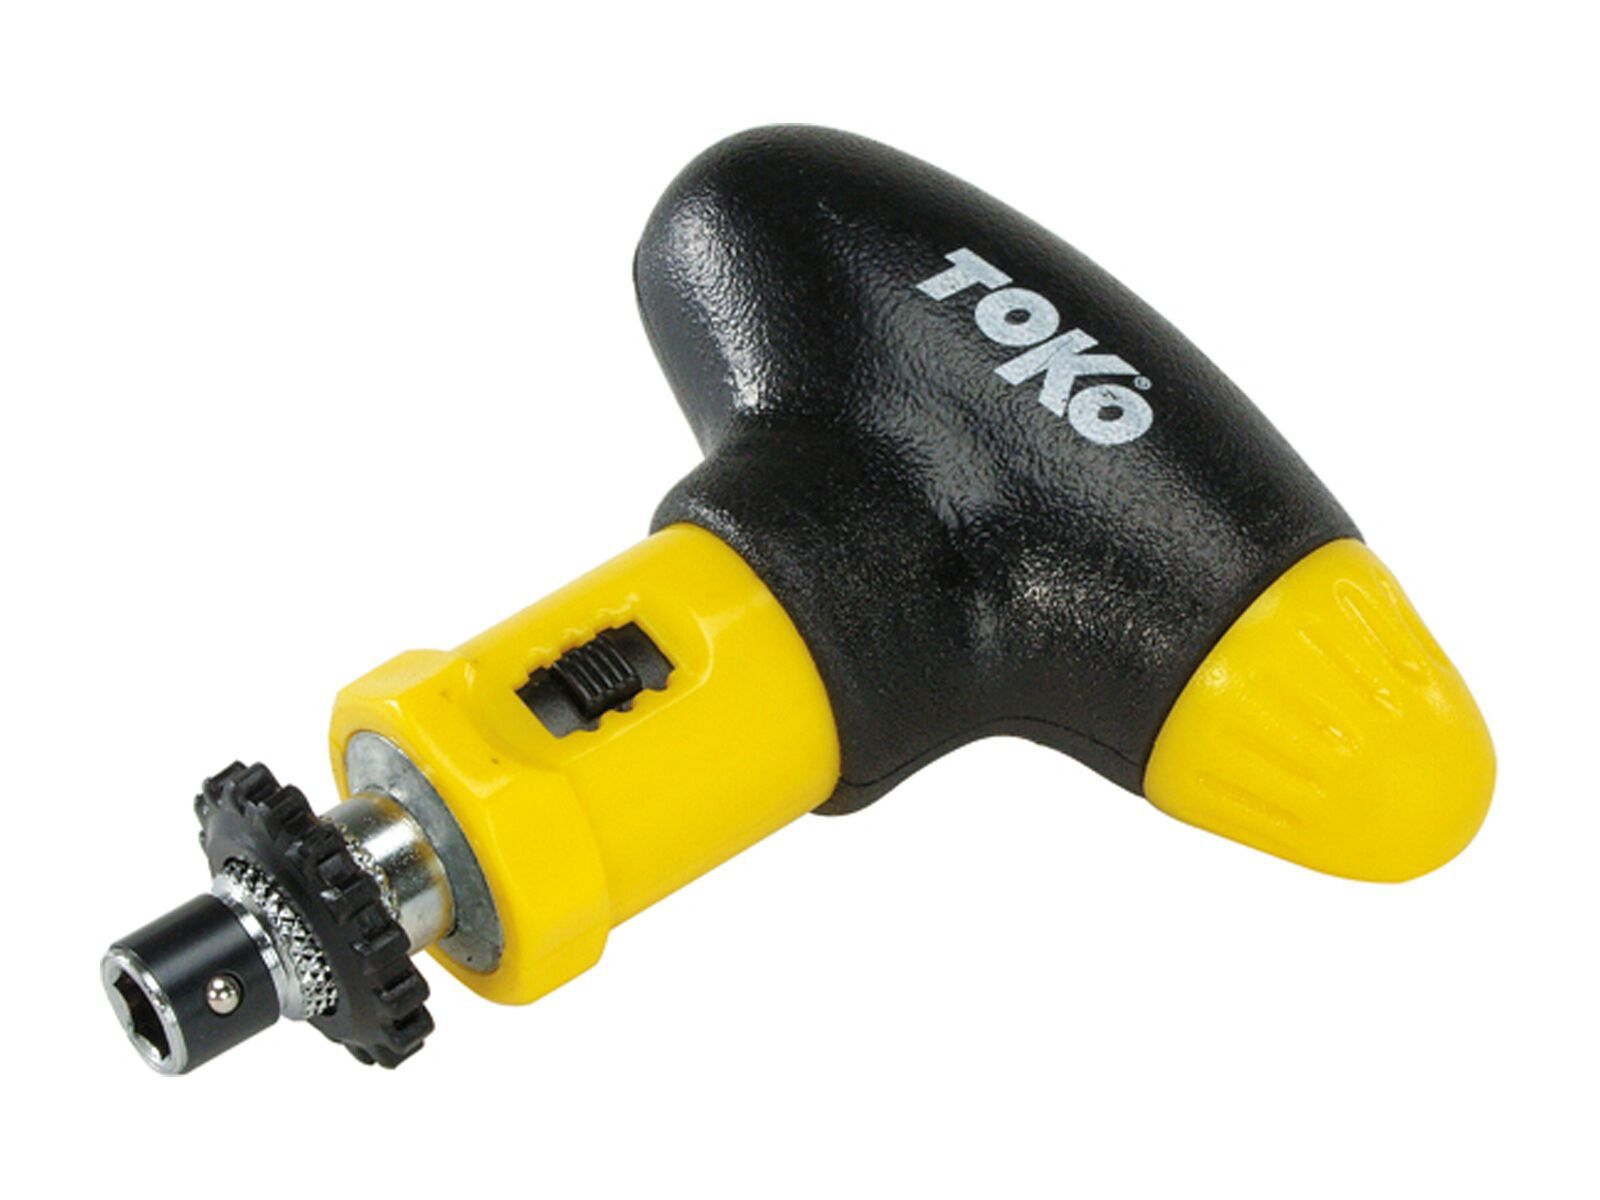 Toko Pocket Driver Schraubenzieher - Werkzeug 5544440